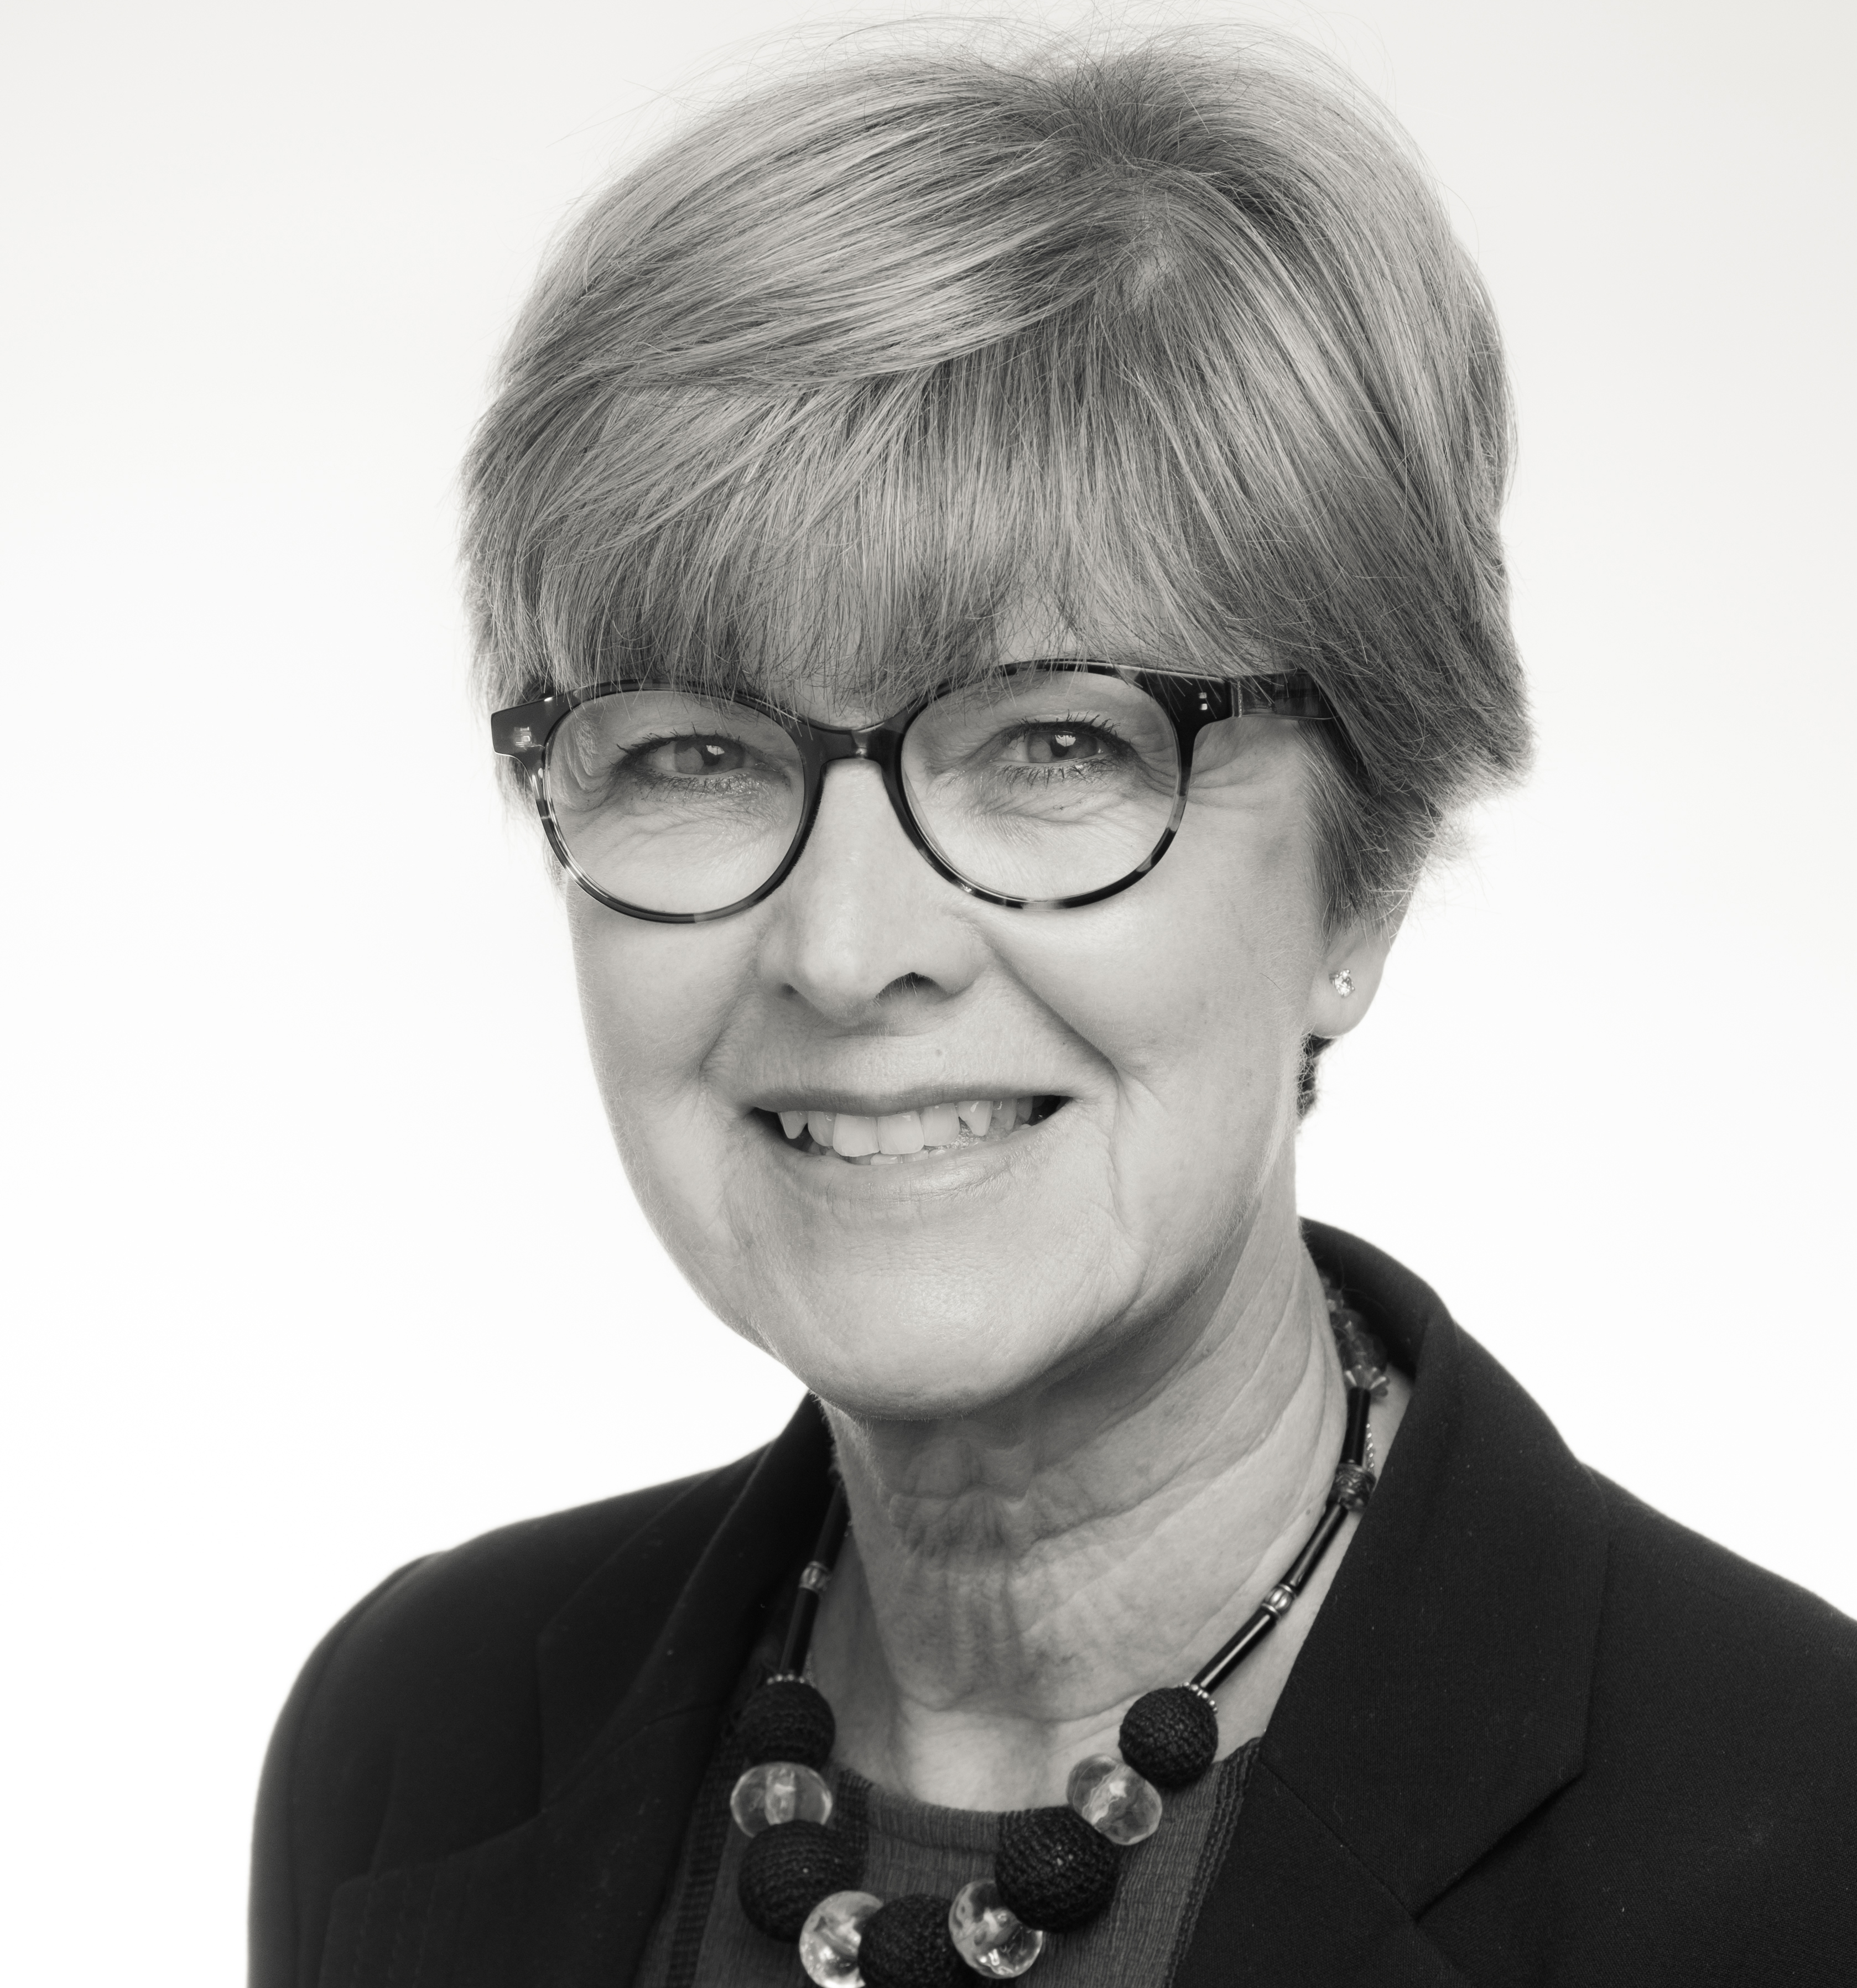 Jane Hahn